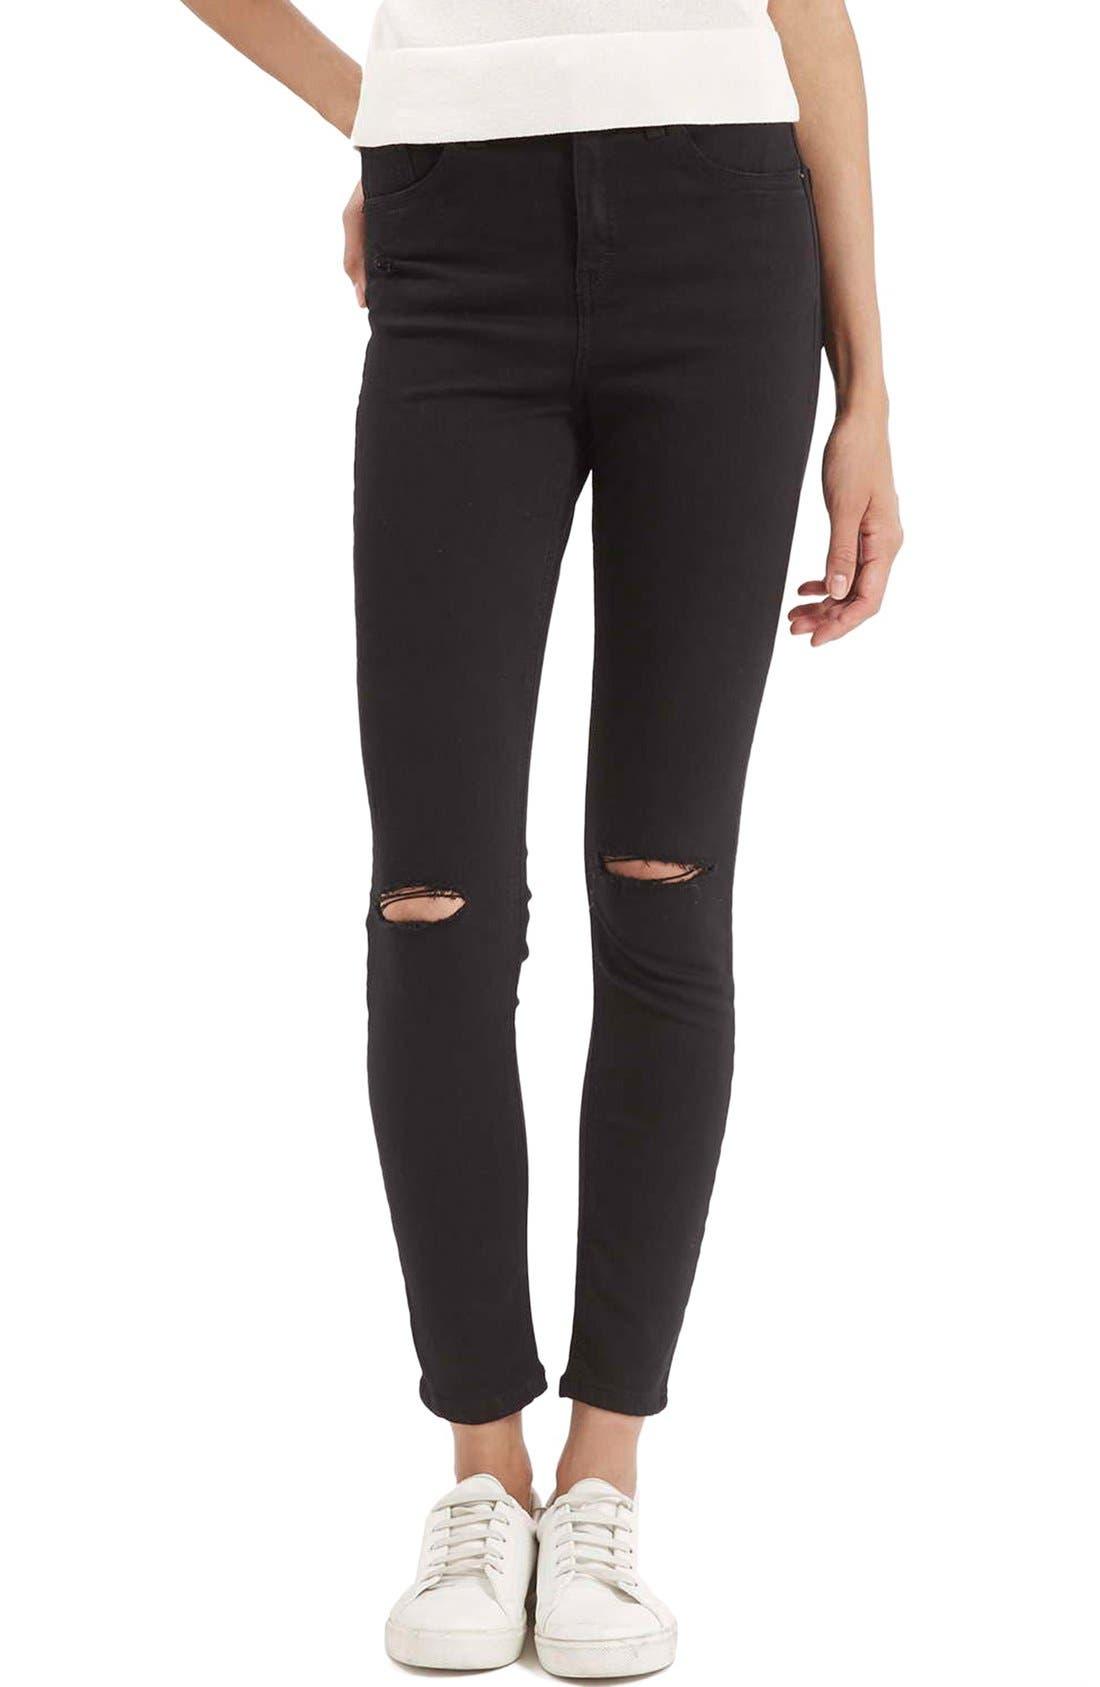 Alternate Image 1 Selected - Topshop Moto 'Jamie' Ripped Crop Skinny Jeans (Black)